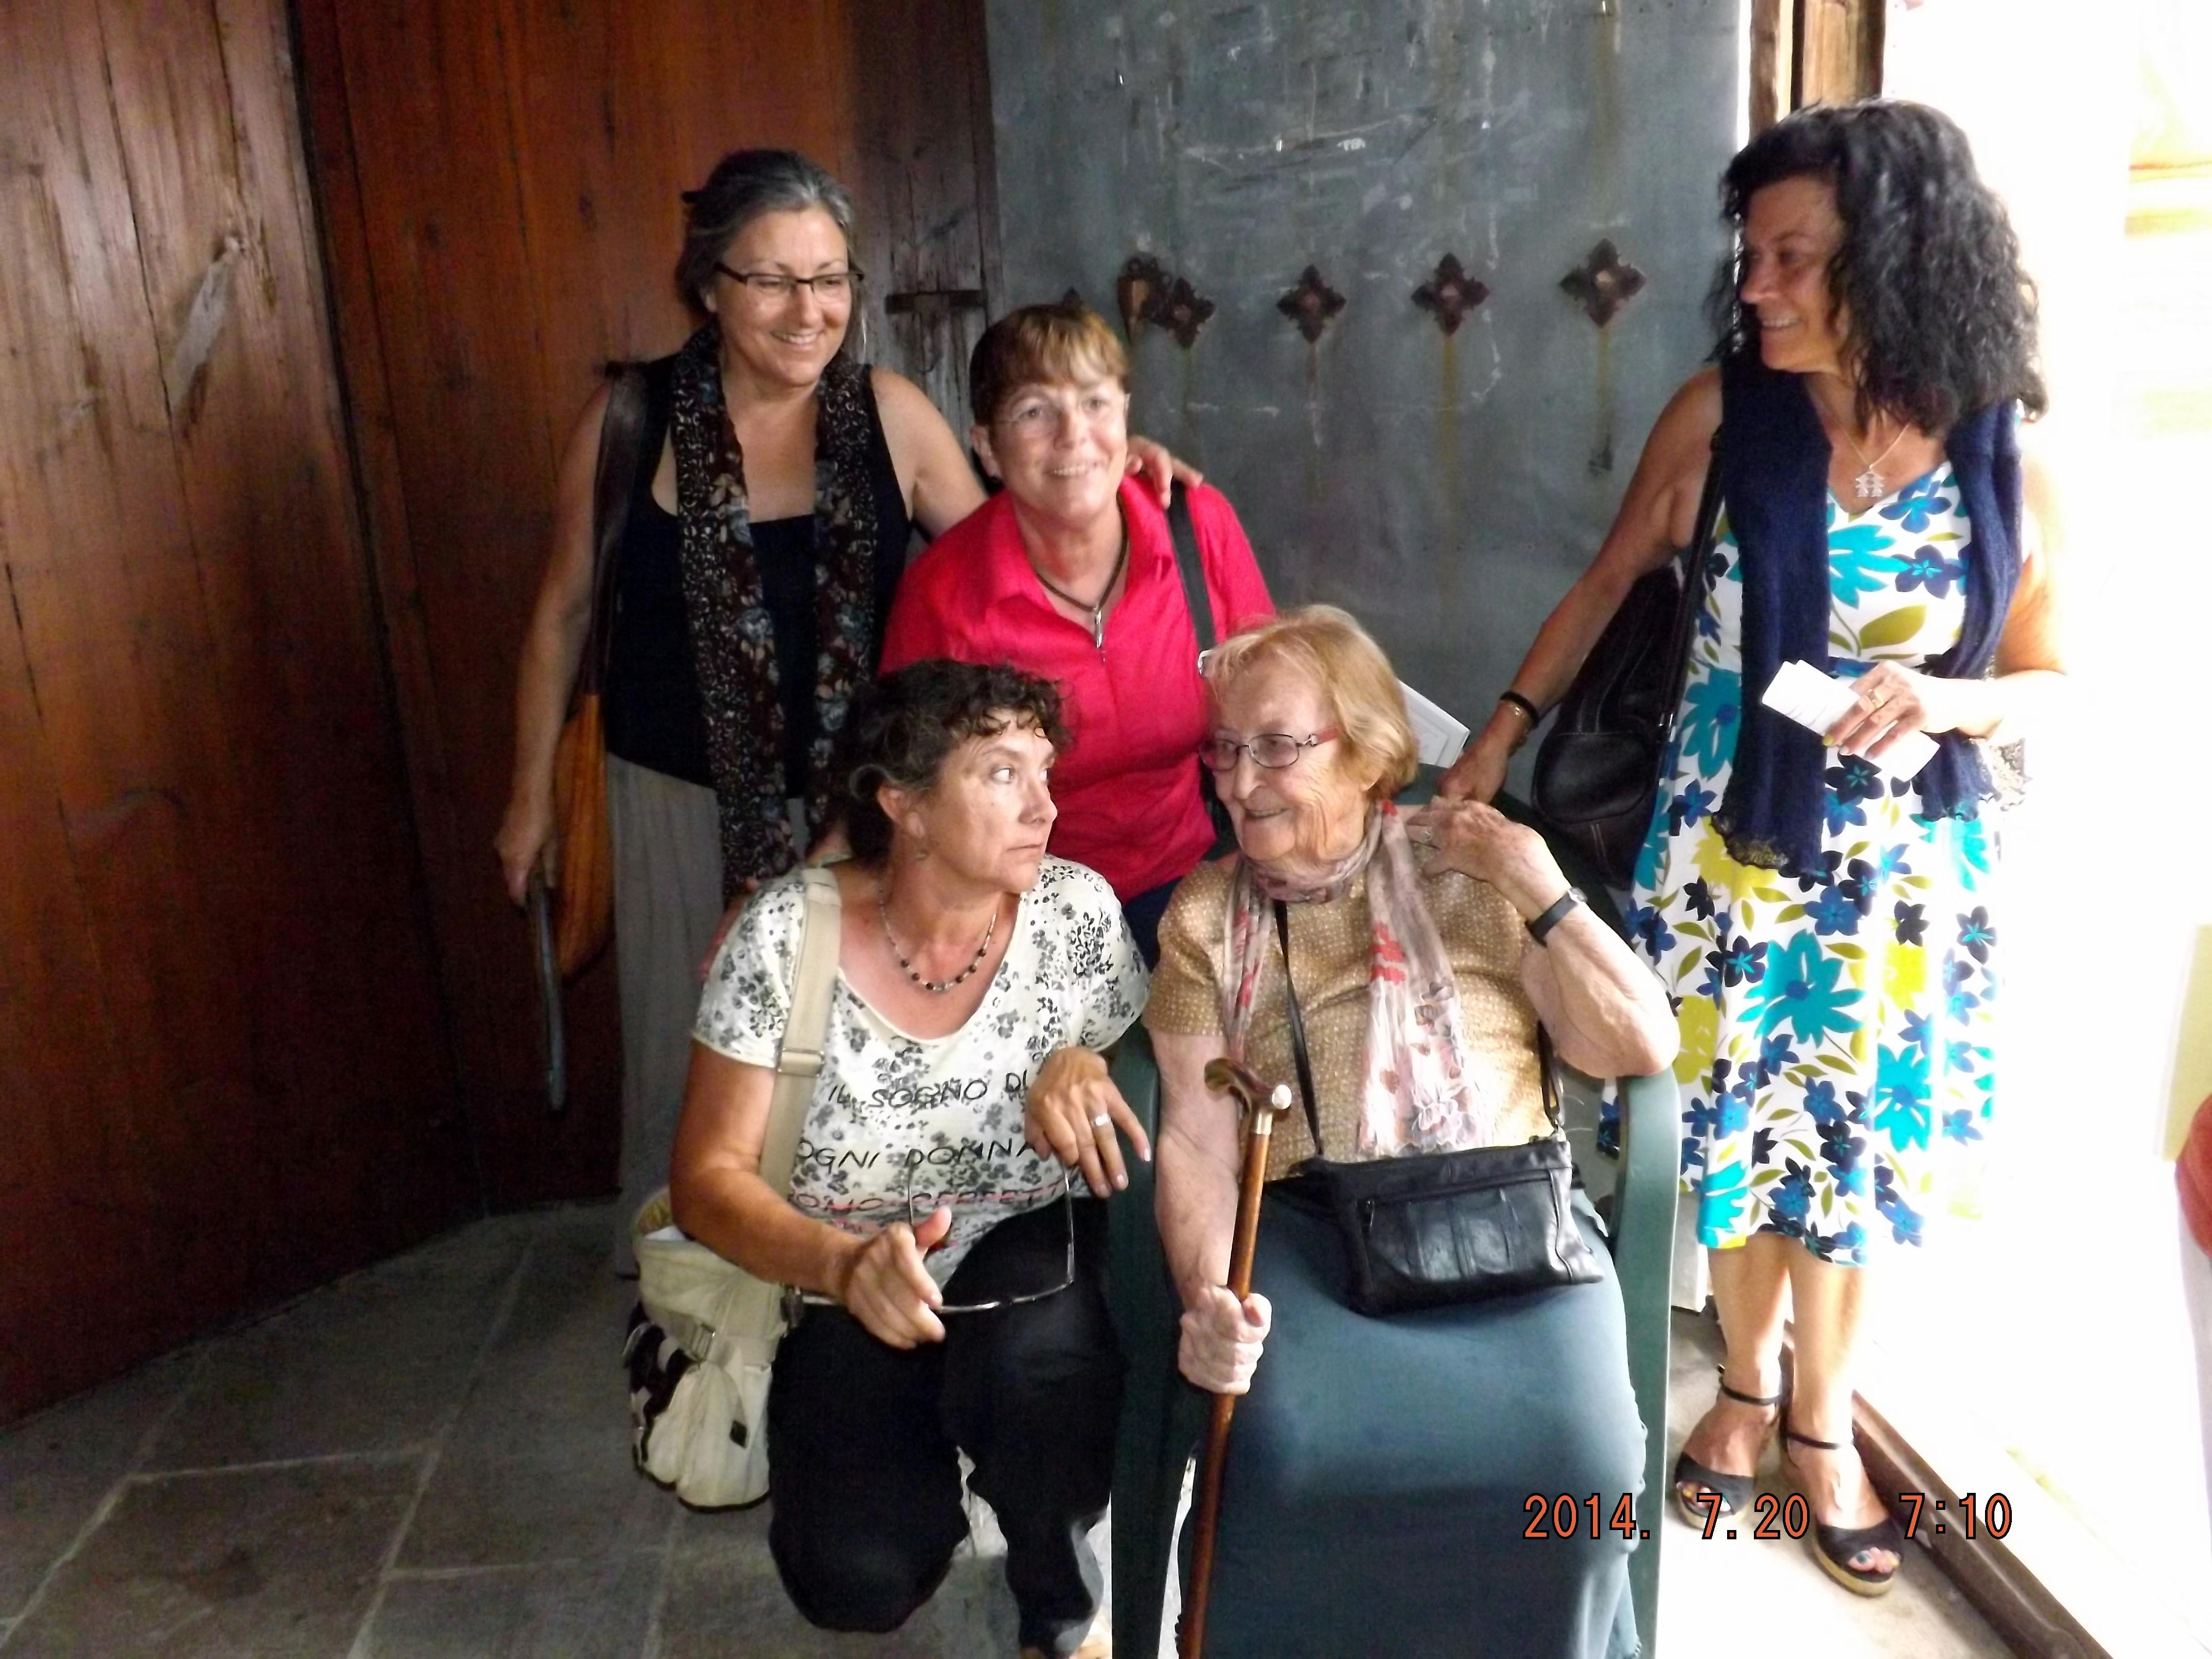 Anna Rossell (arriba, izquierda) con amigas poetas en el Festival de Poesia des dels Balcons de Riba-roja d'Ebre (julio, 2014)